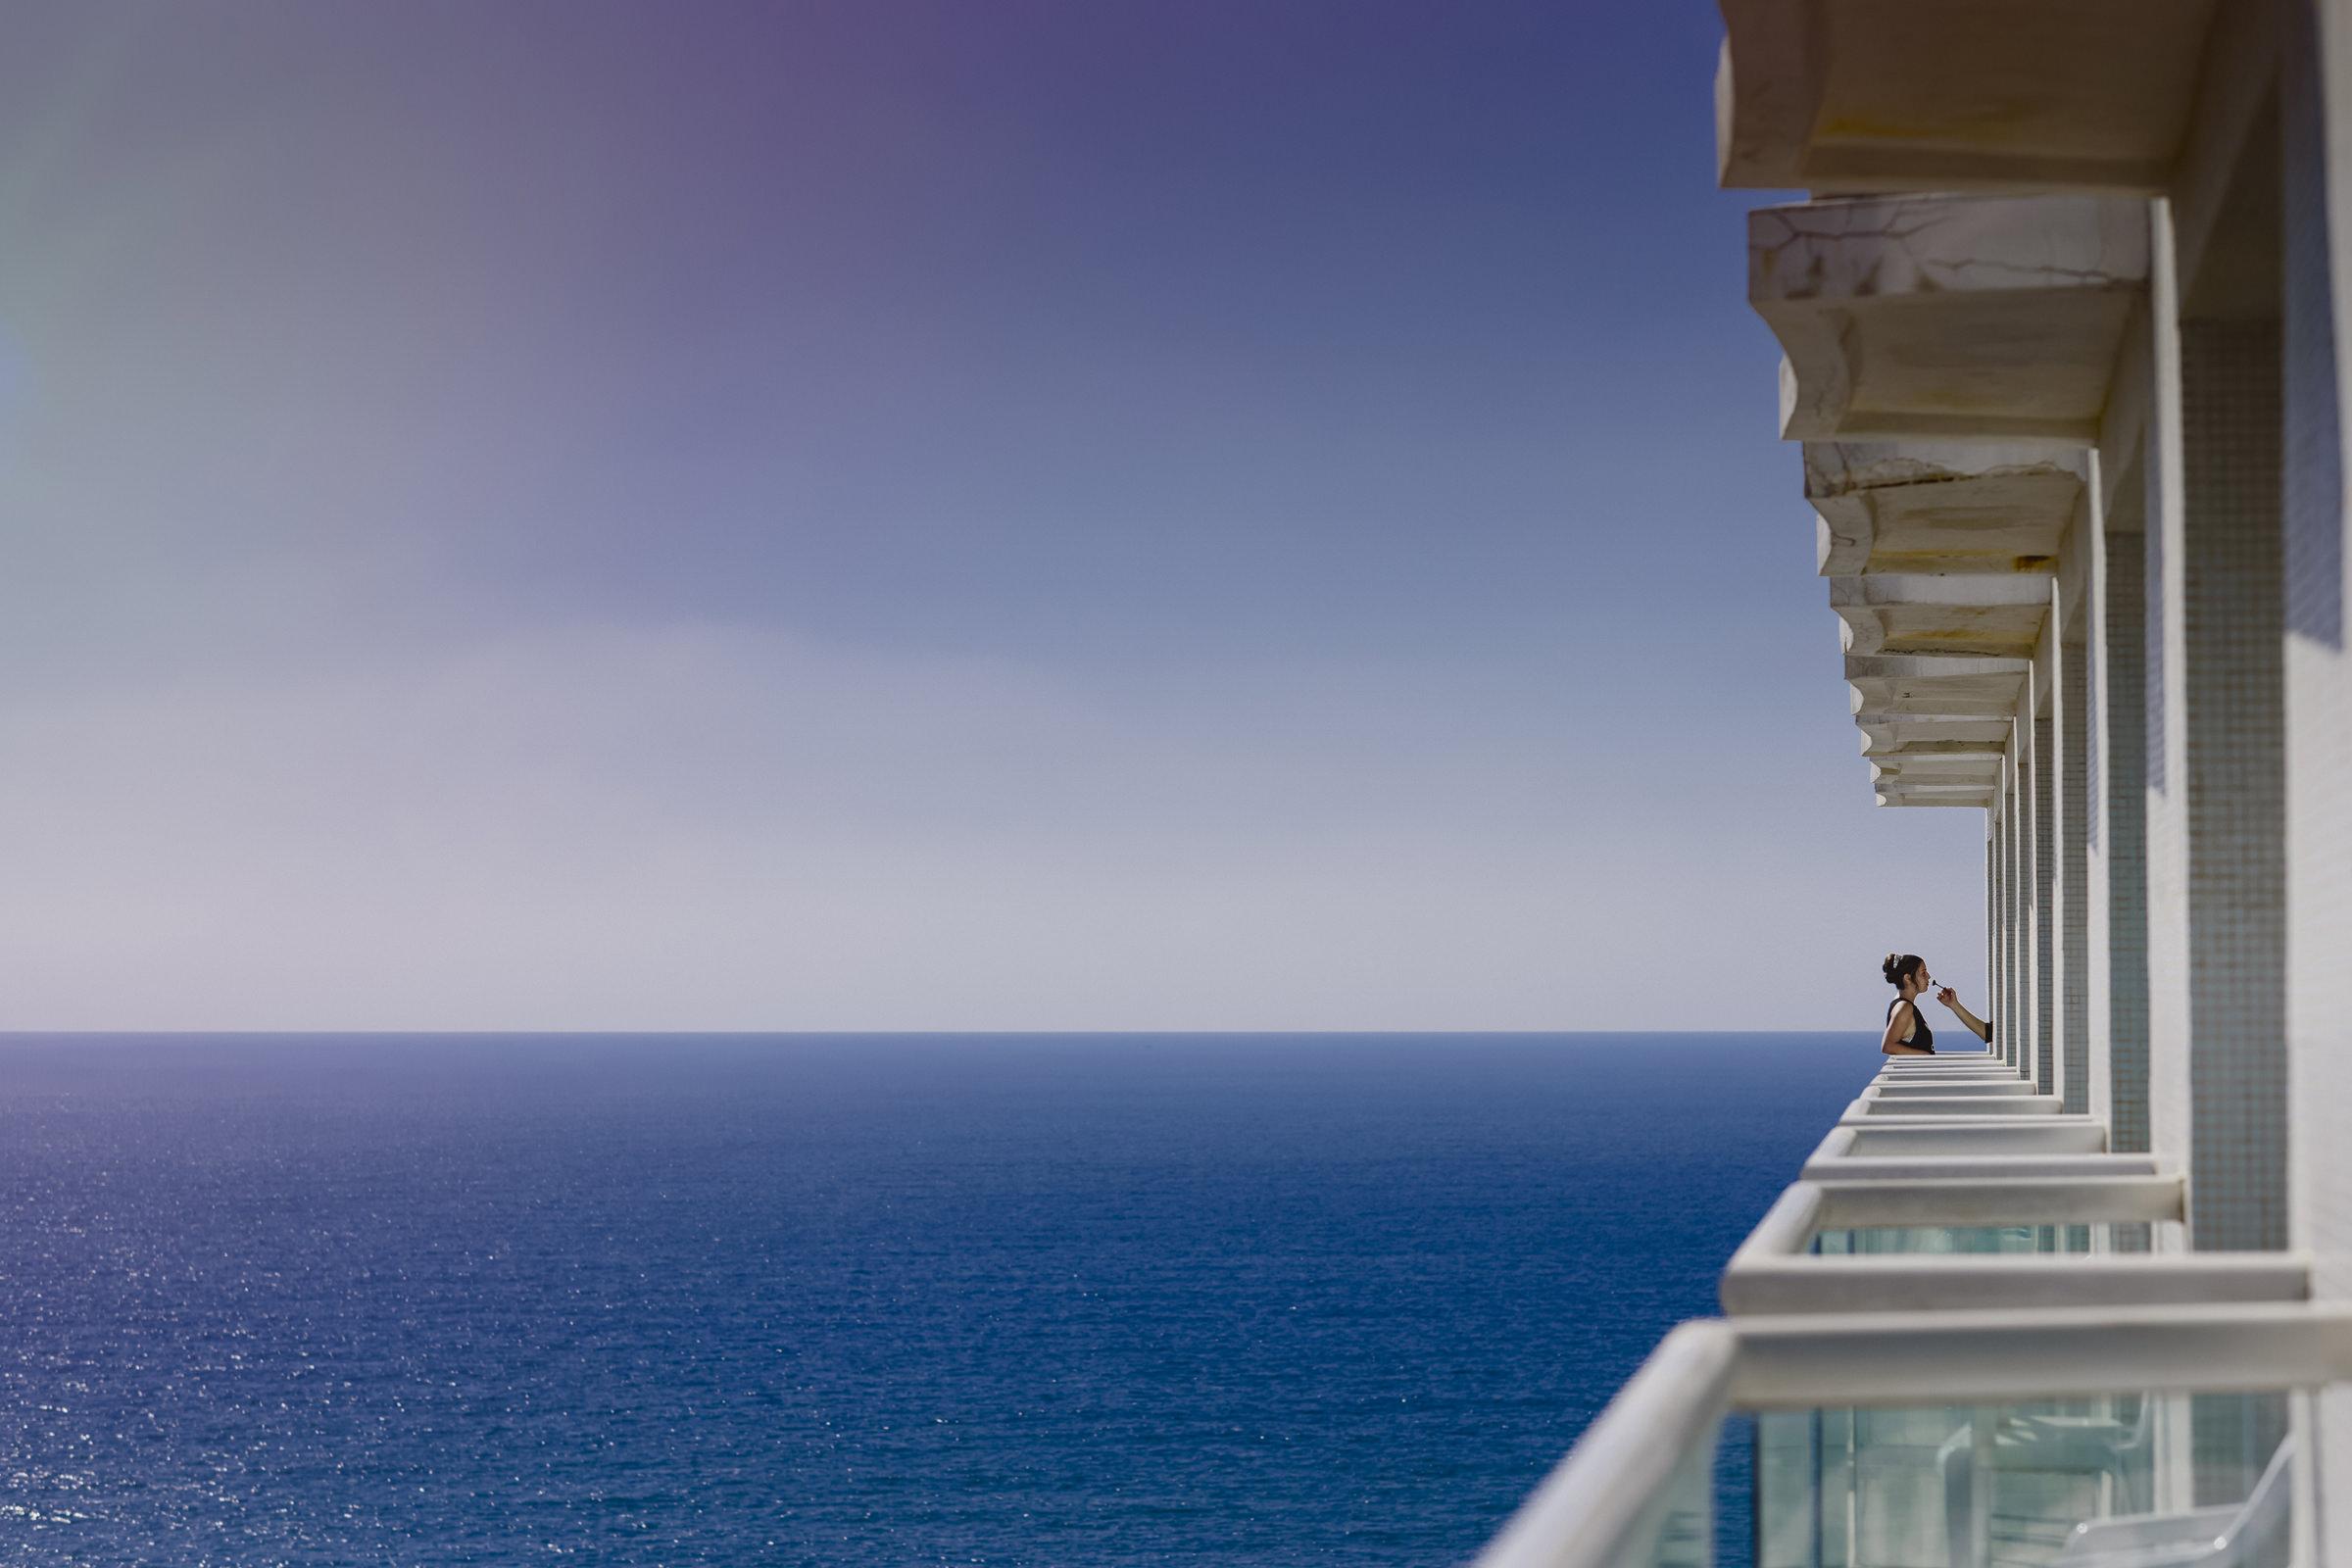 Creative composition bride on waterfront balcony - photo by El Marco Rojo